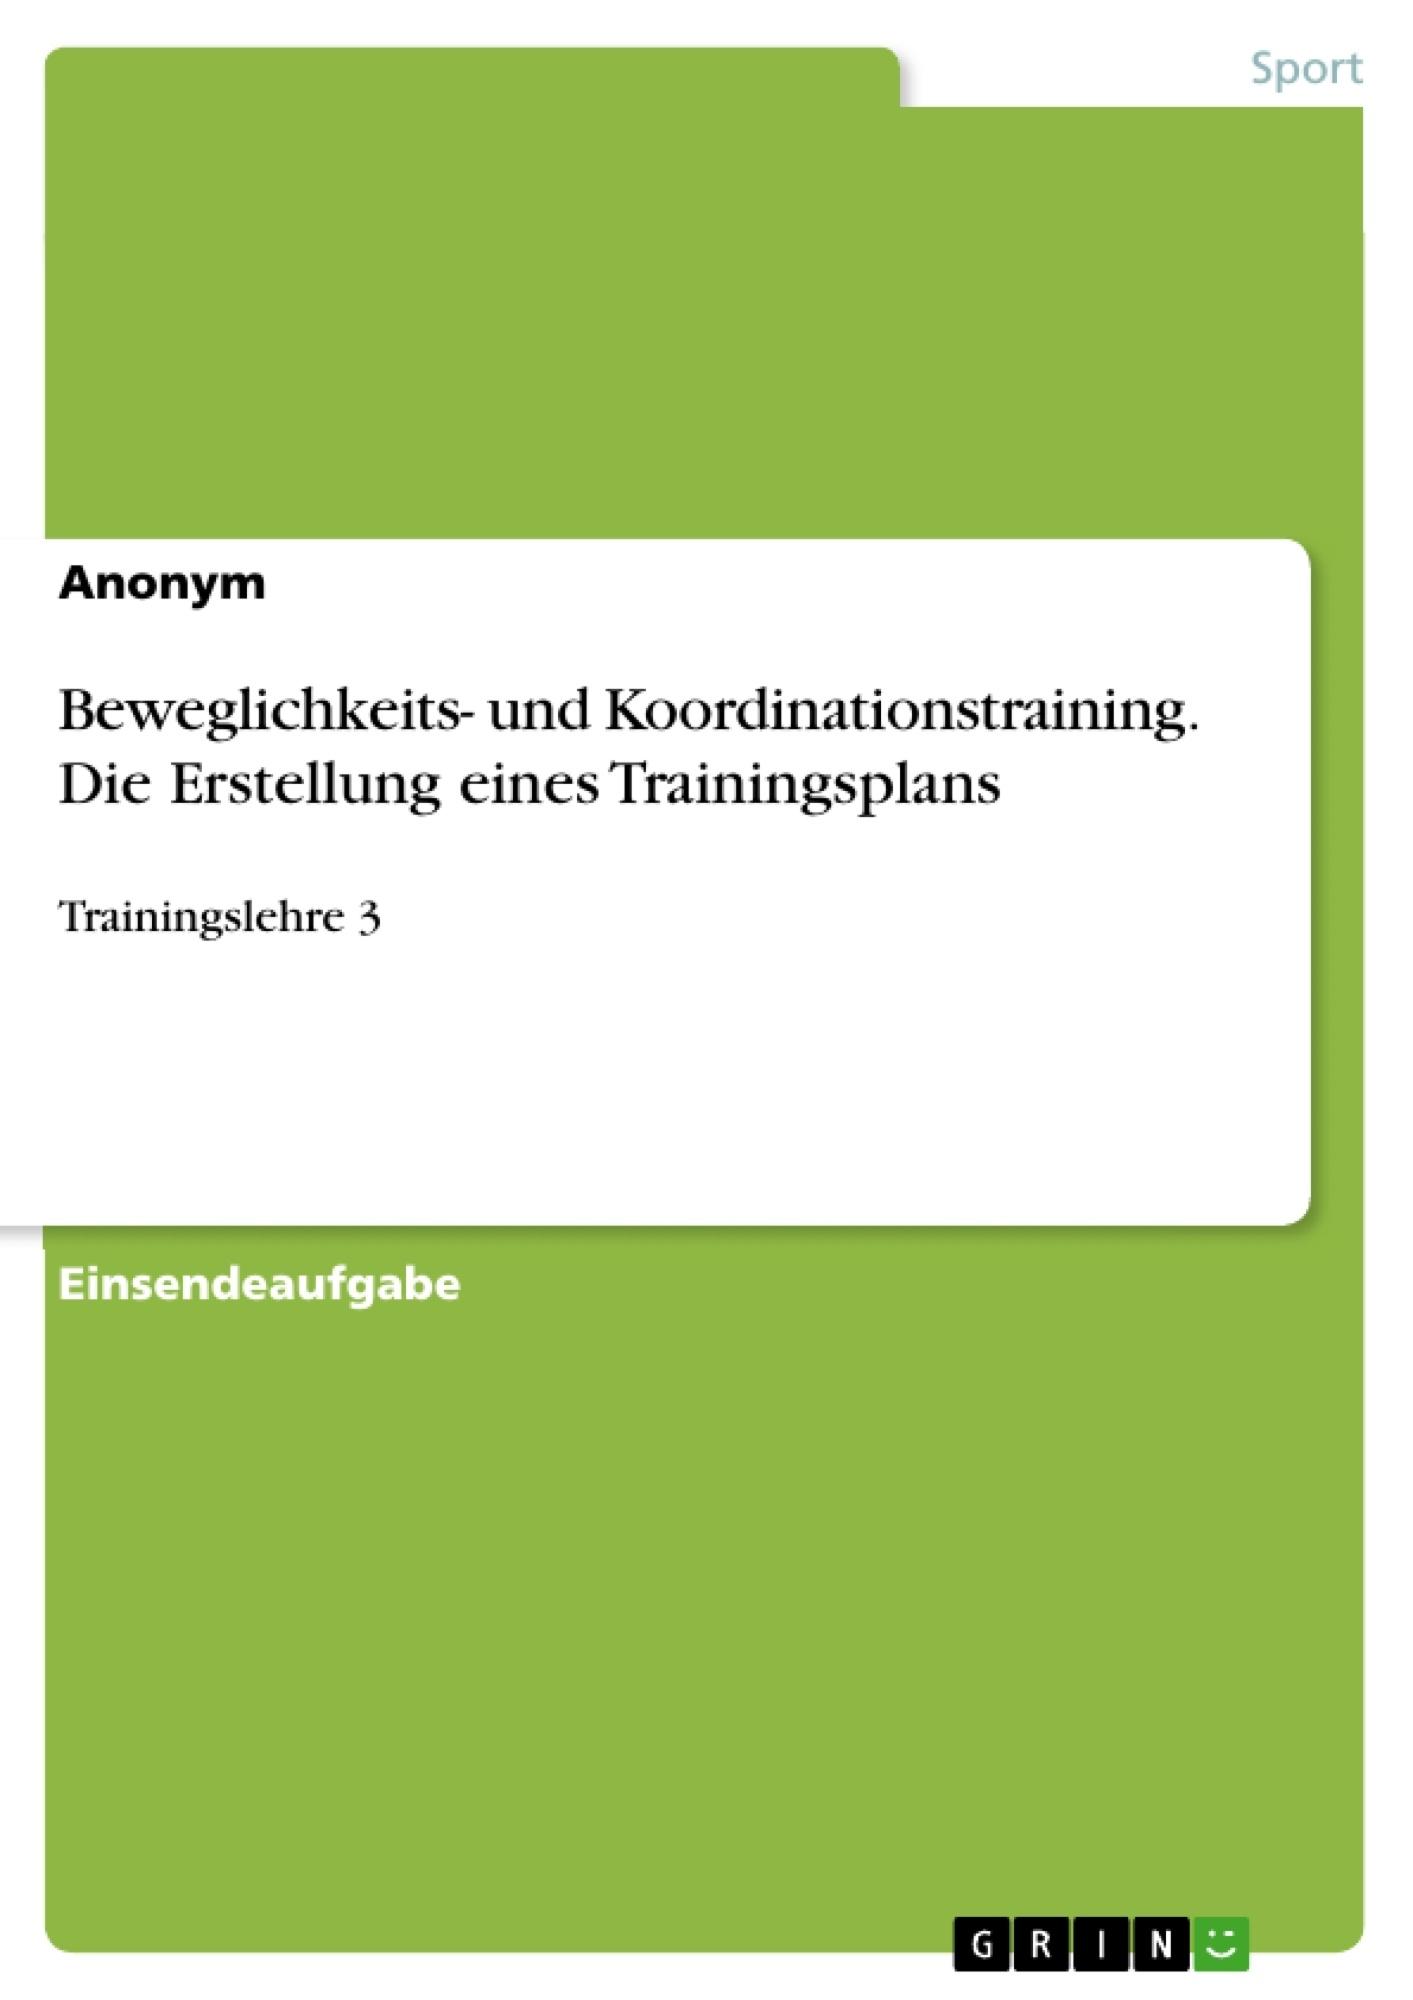 Titel: Beweglichkeits- und Koordinationstraining. Die Erstellung eines Trainingsplans